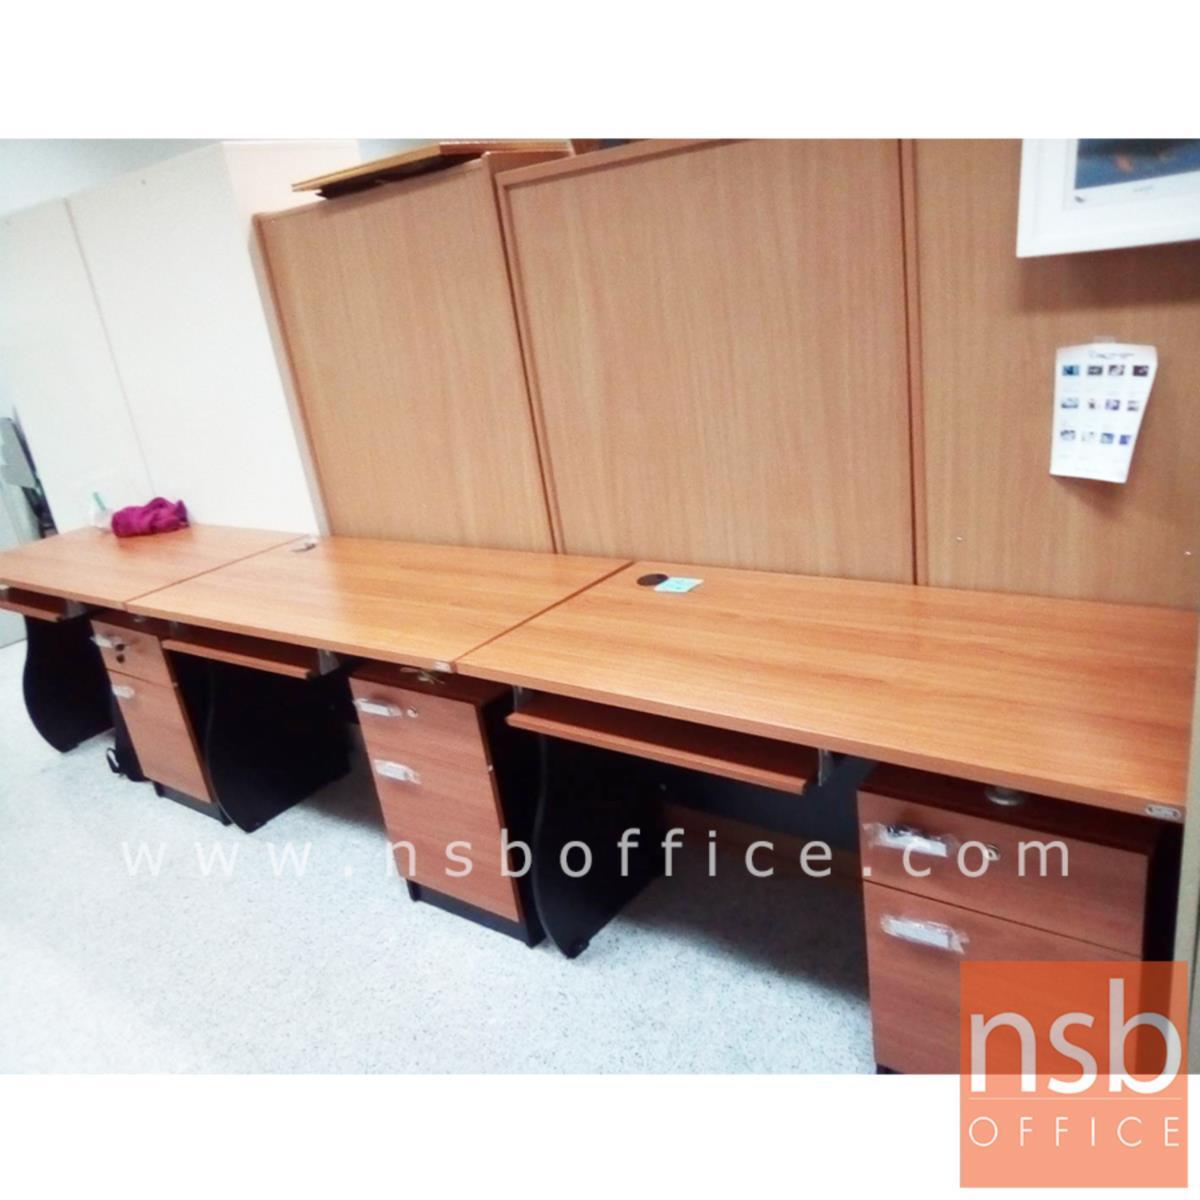 โต๊ะคอมพิวเตอร์ 1 ลิ้นชัก 1 บานเปิด รุ่น Exotica (เอ็กโซติก้า) ขนาด 120W cm. พร้อมรางคีย์บอร์ด สีเชอร์รี่ดำ